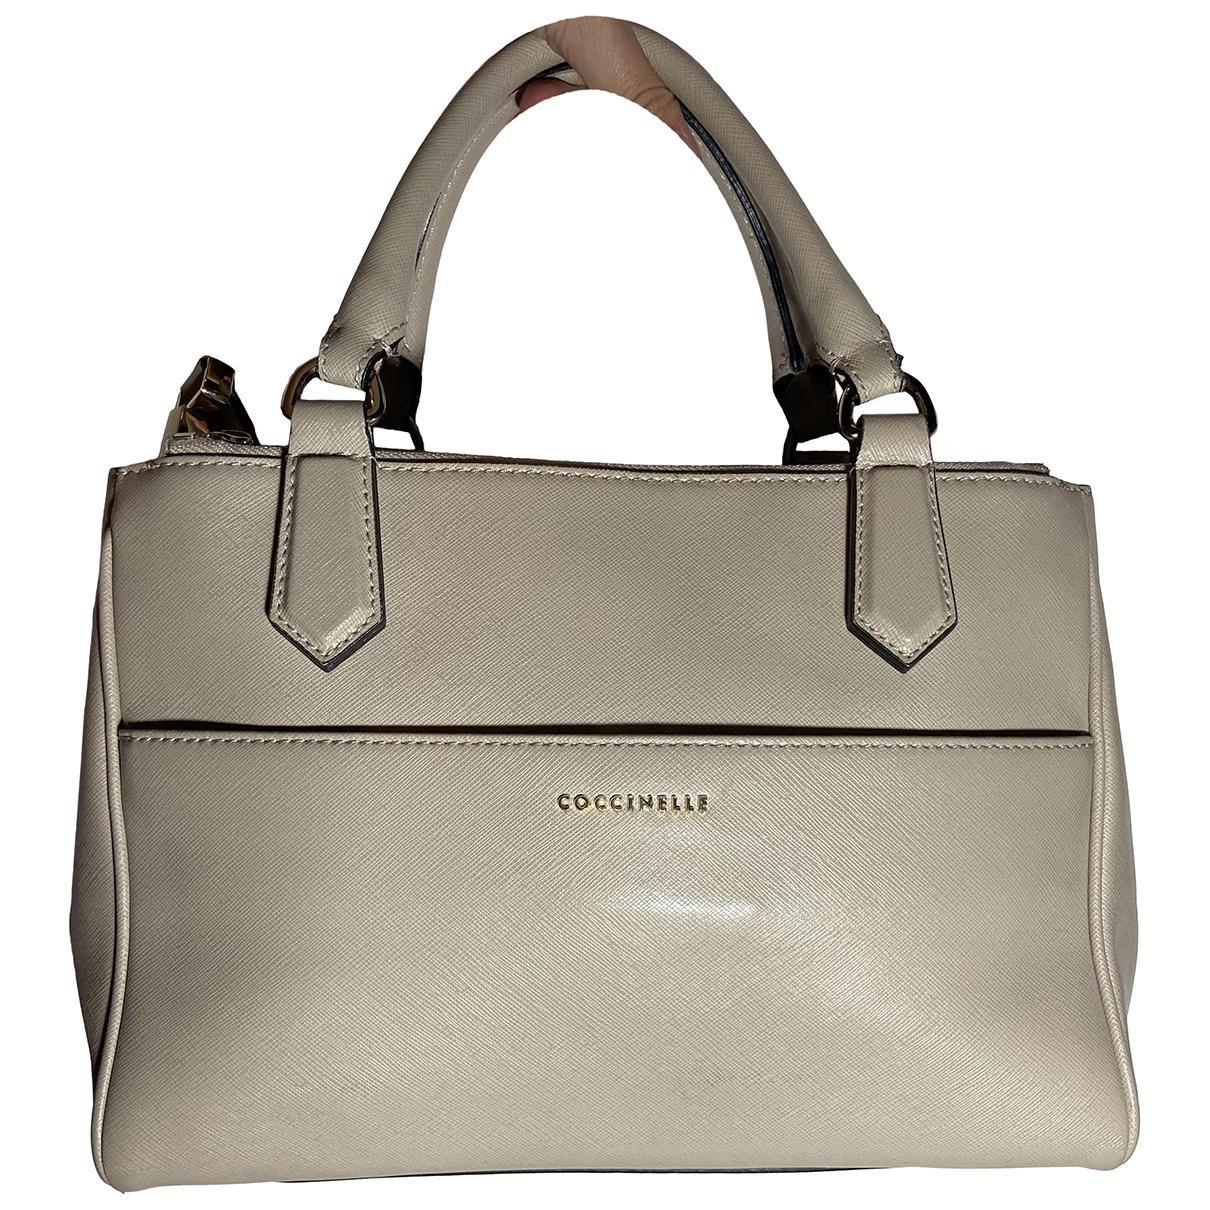 Coccinelle N Ecru Leather handbag for Women N